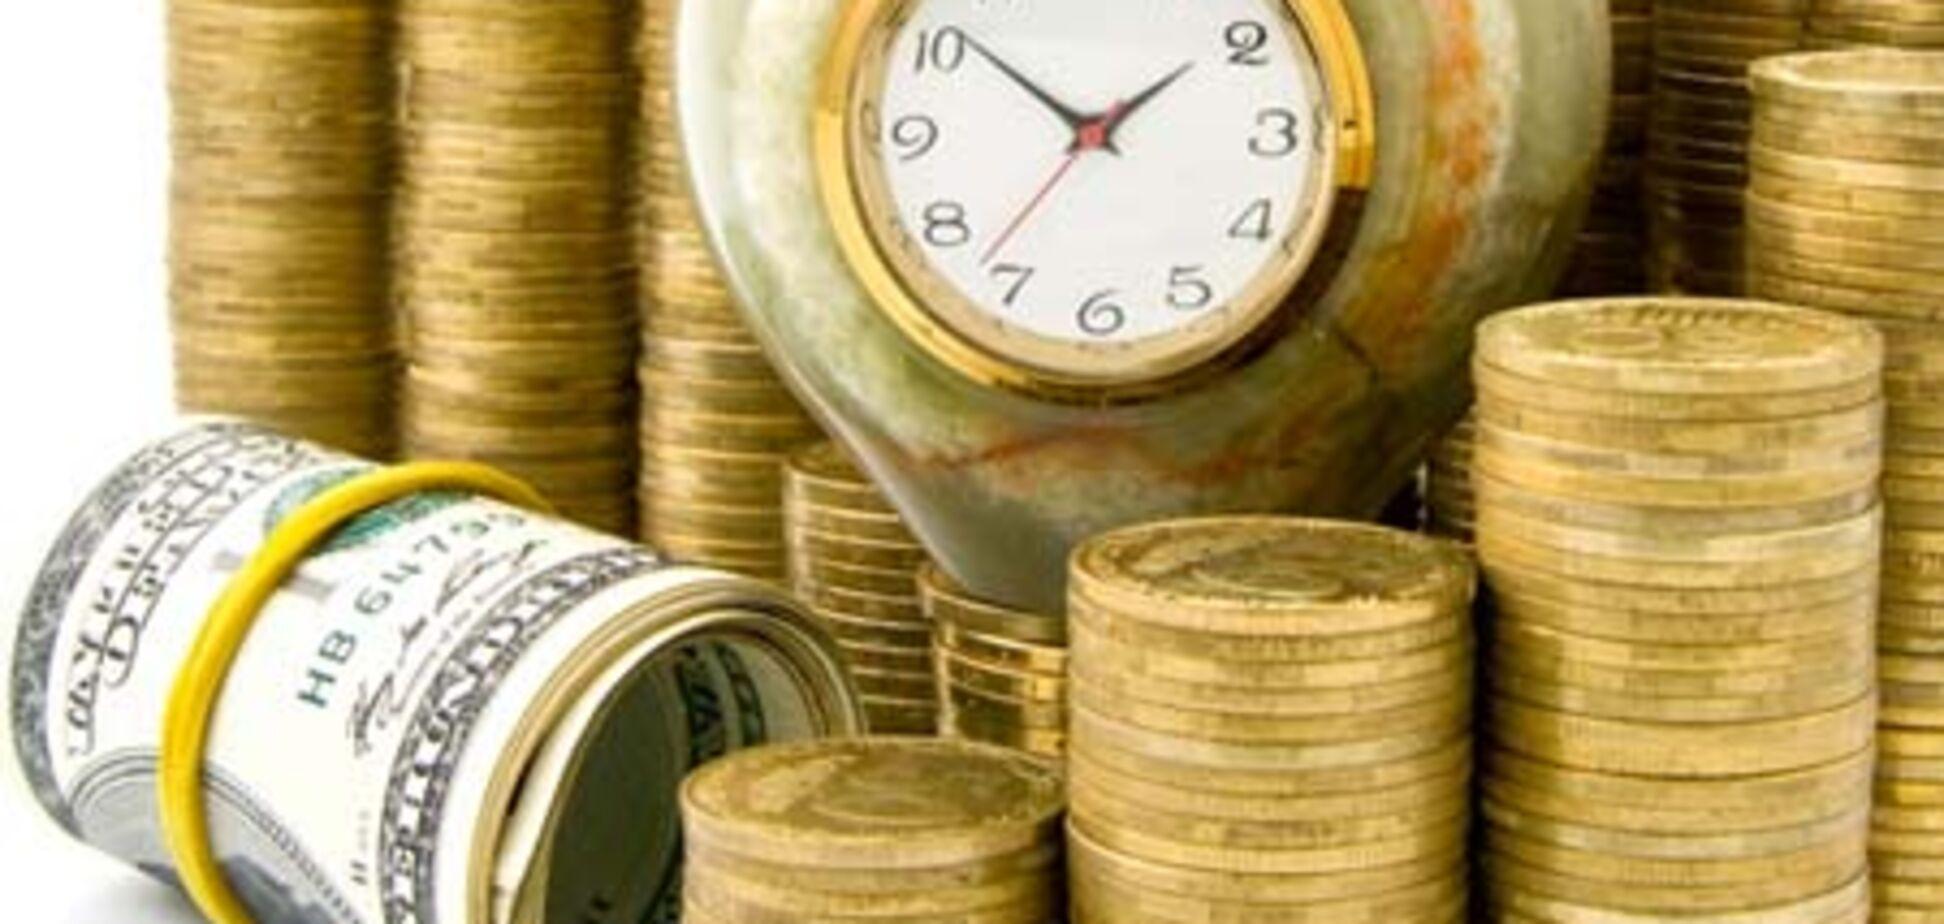 Фінансовий омбудсмен не повинен бути креатурою політиків